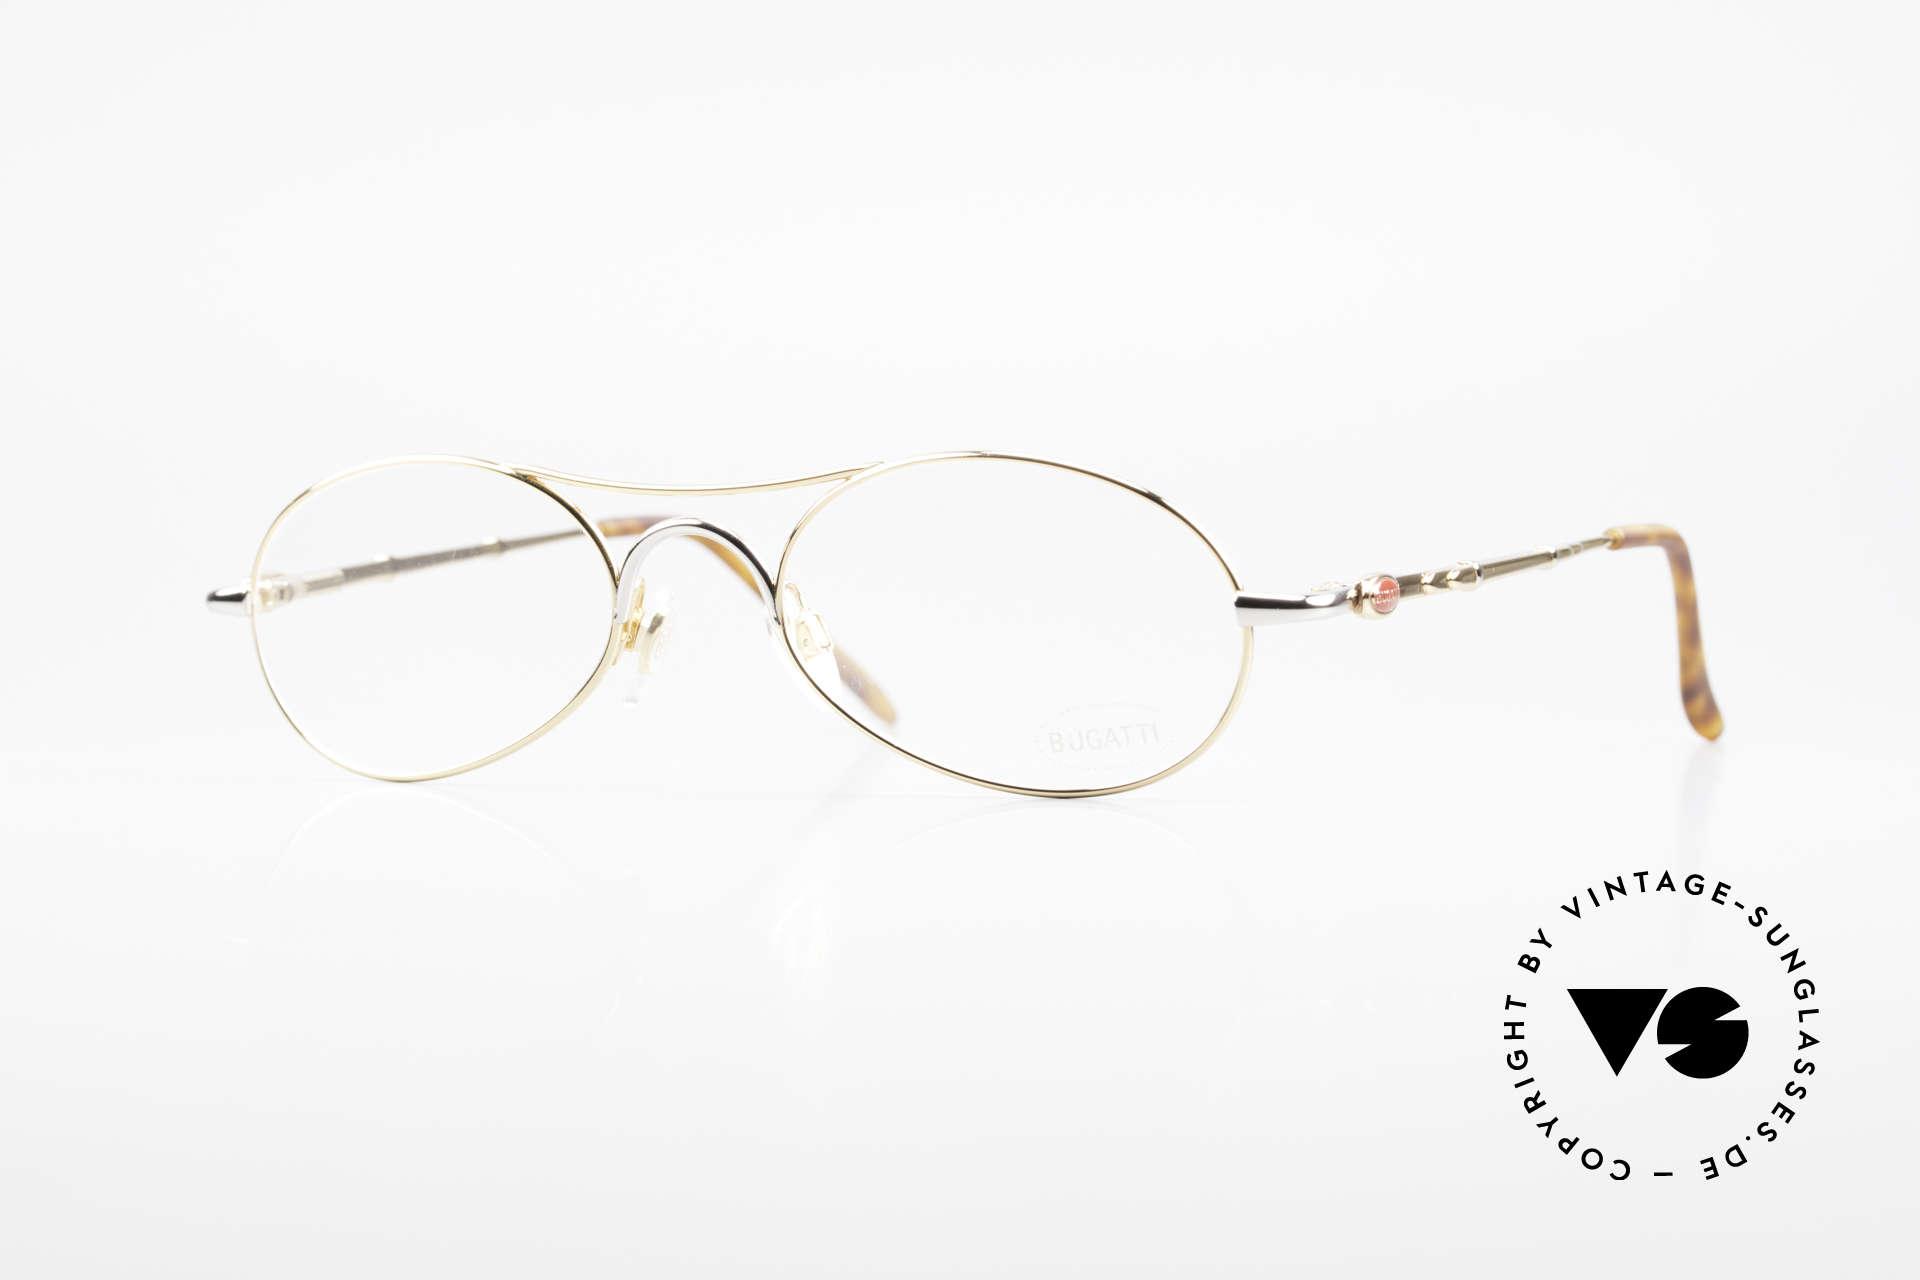 Bugatti 10608 90's Luxury Men's Eyeglasses, very elegant vintage designer eyeglasses by Bugatti, Made for Men